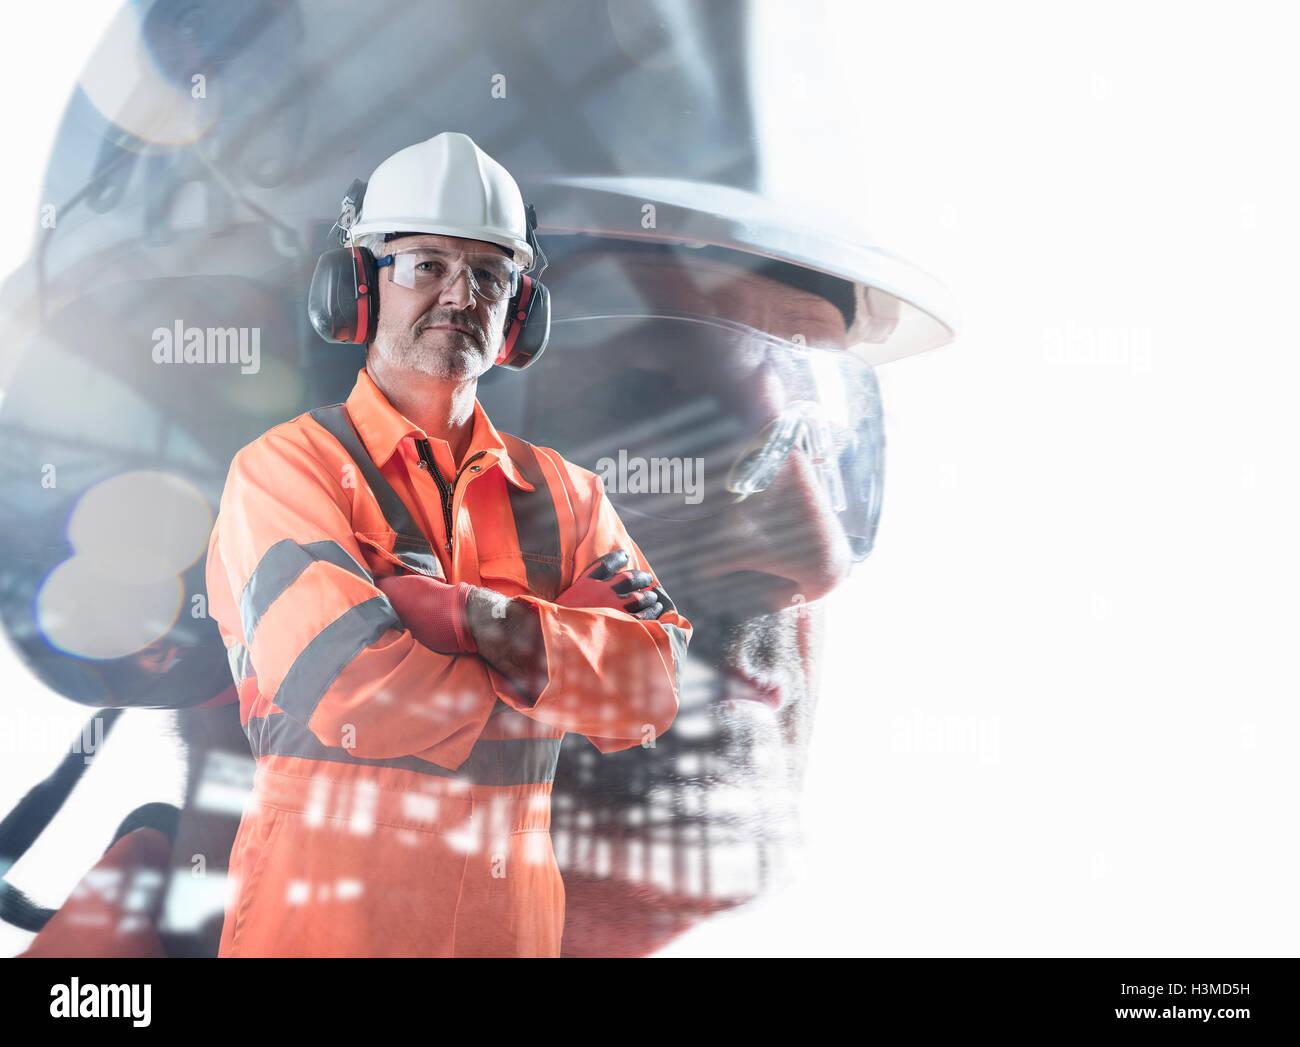 Immagine composita del lavoratore edile che mostra la piena salute e sicurezza usura Immagini Stock